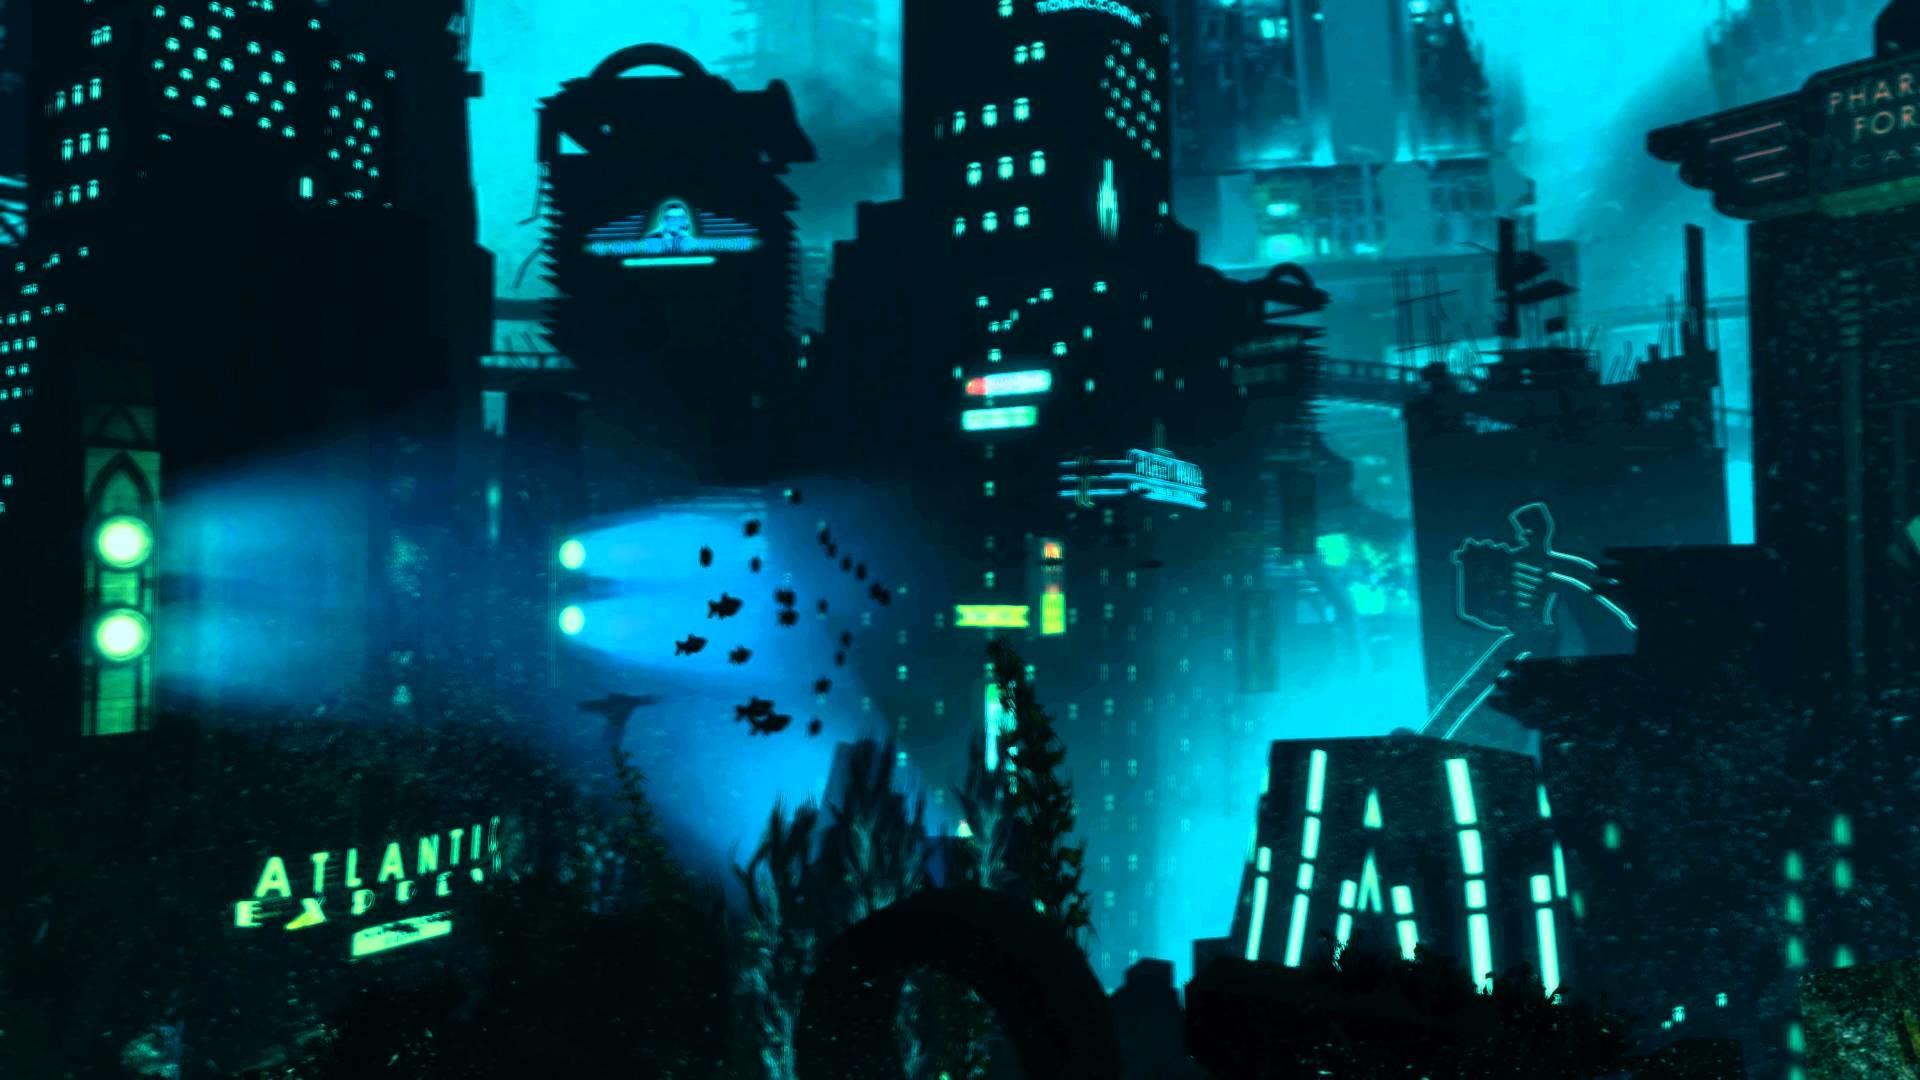 BioShock 2 – Rapture Revisted (4k). Live Wallpaper Master